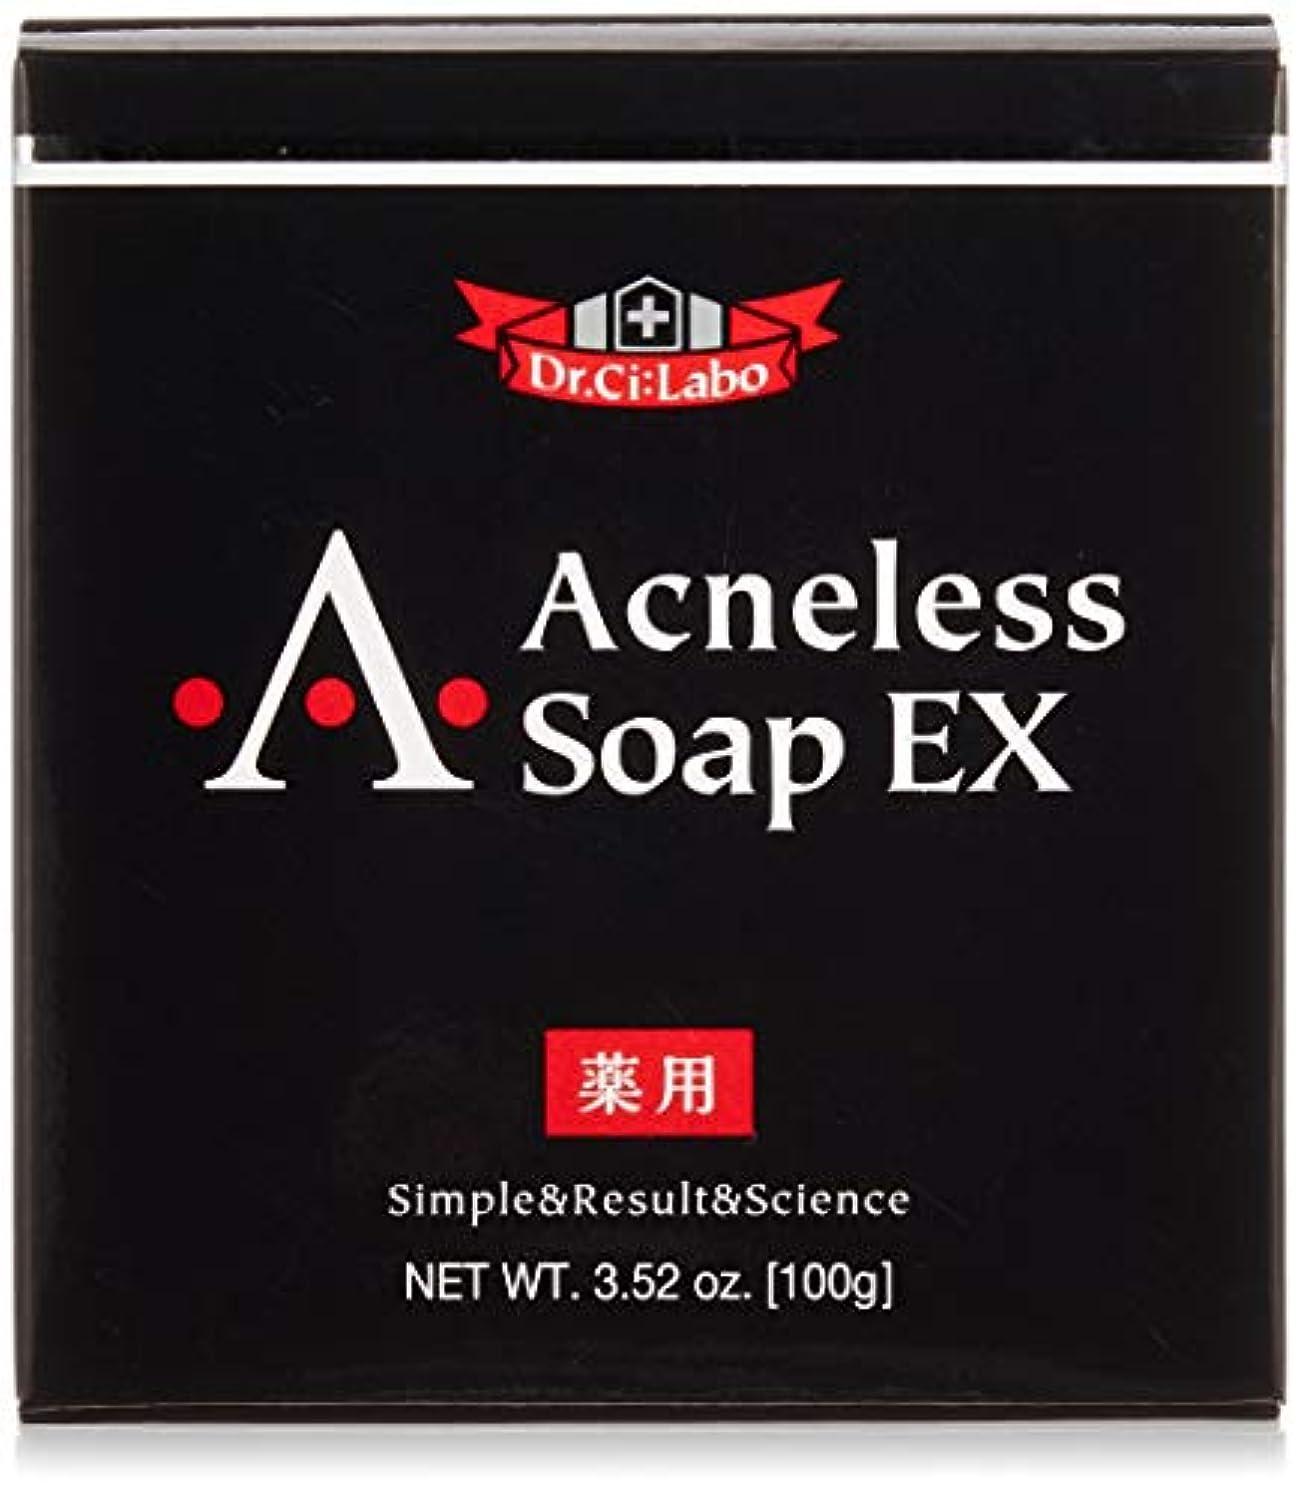 ミット控えるプレフィックス薬用アクネレスソープEX100g